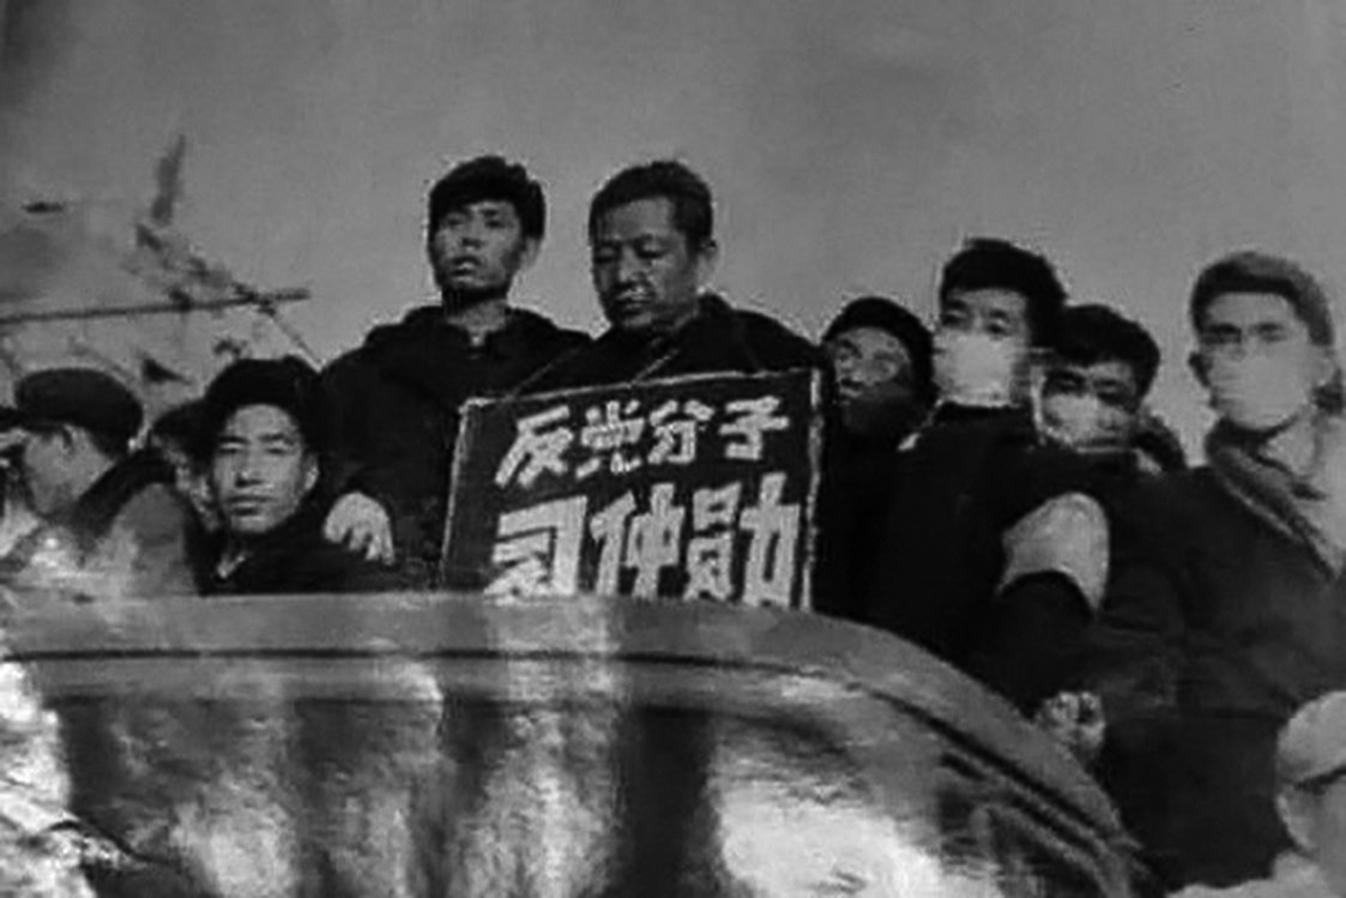 習近平的父親習仲勳是中共第一代領導人之一,一生三次挨整。習仲勳一次又一次挨整的經歷,就是一面了解中共歷史的很好的鏡子。(維基百科)